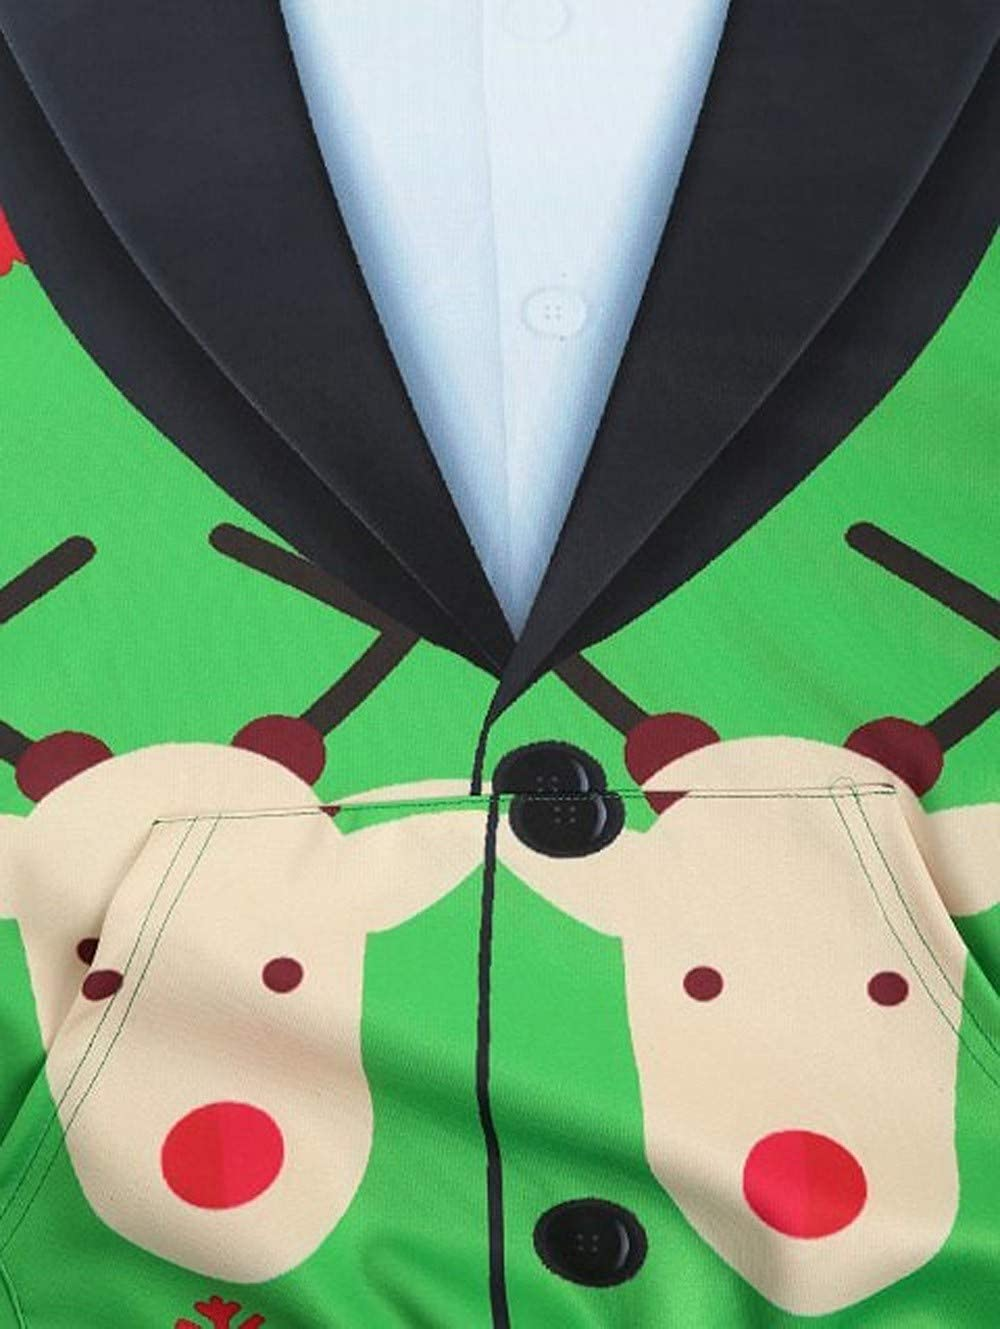 LIUguoo 3D Print Hoodies for Men, Christmas Long Sleeve Pullover Sweatshirt Ugly Hoodie with Pockets Slim Fit